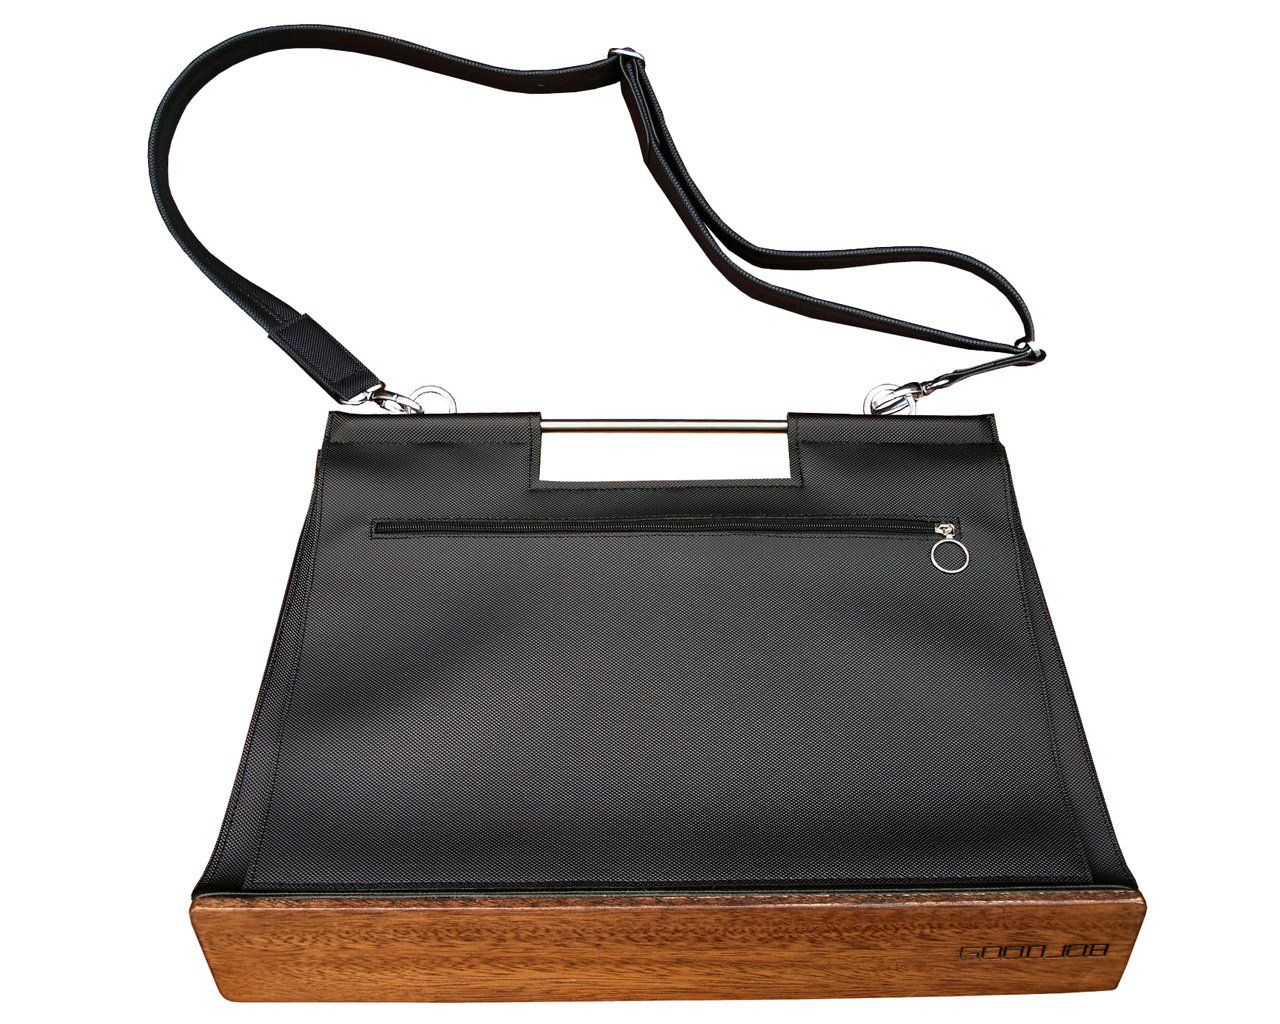 GOODJOB laptop bag